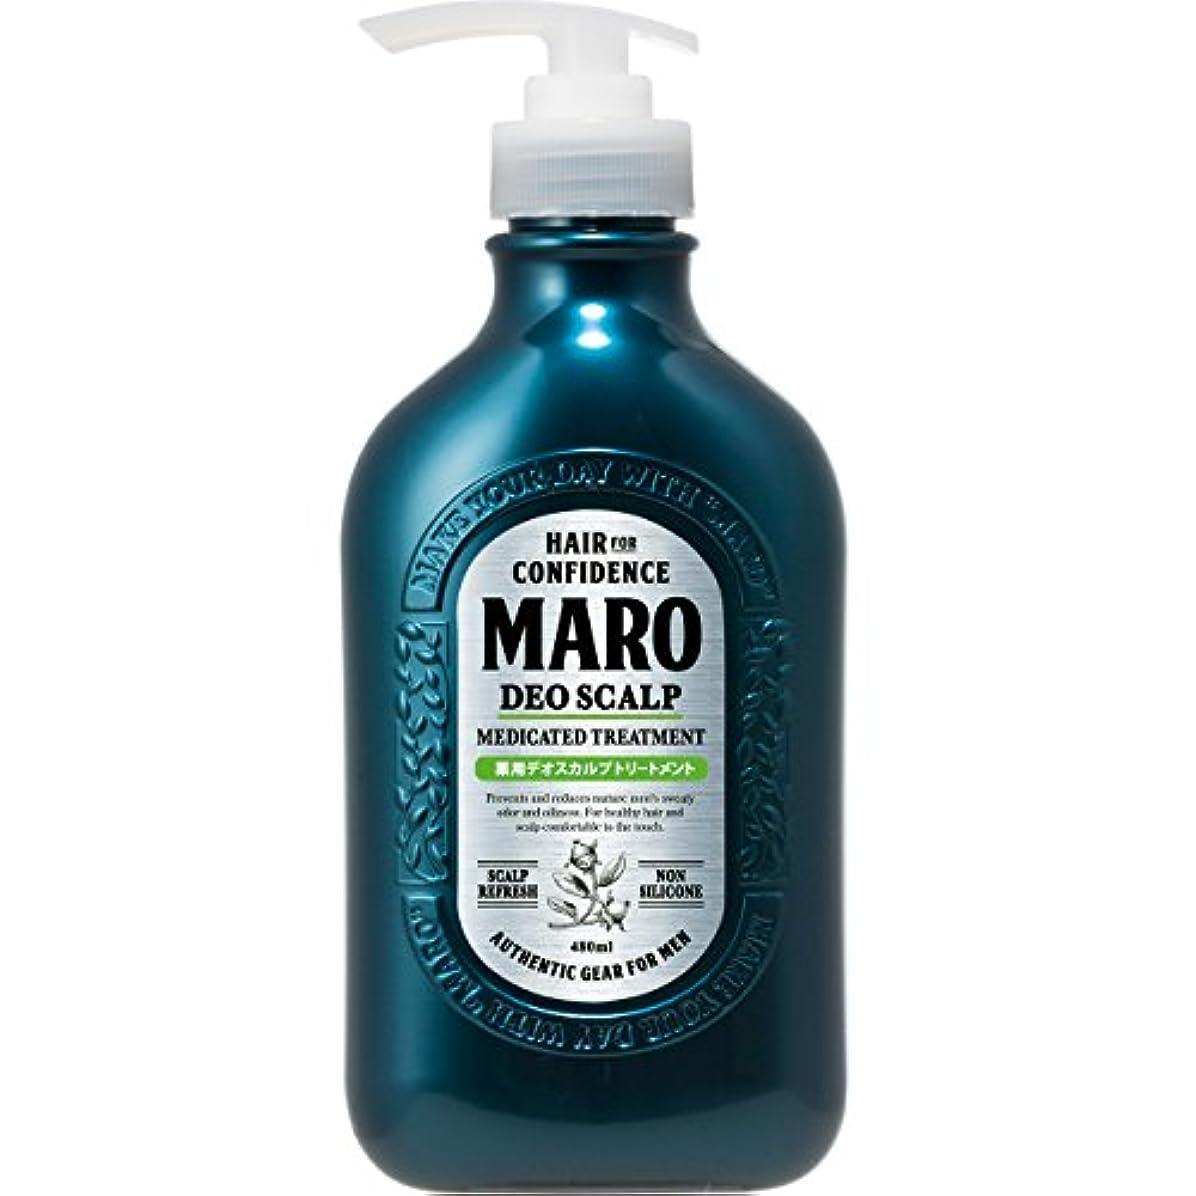 相談する染色明るくするMARO 薬用 デオスカルプ トリートメント 480ml 【医薬部外品】